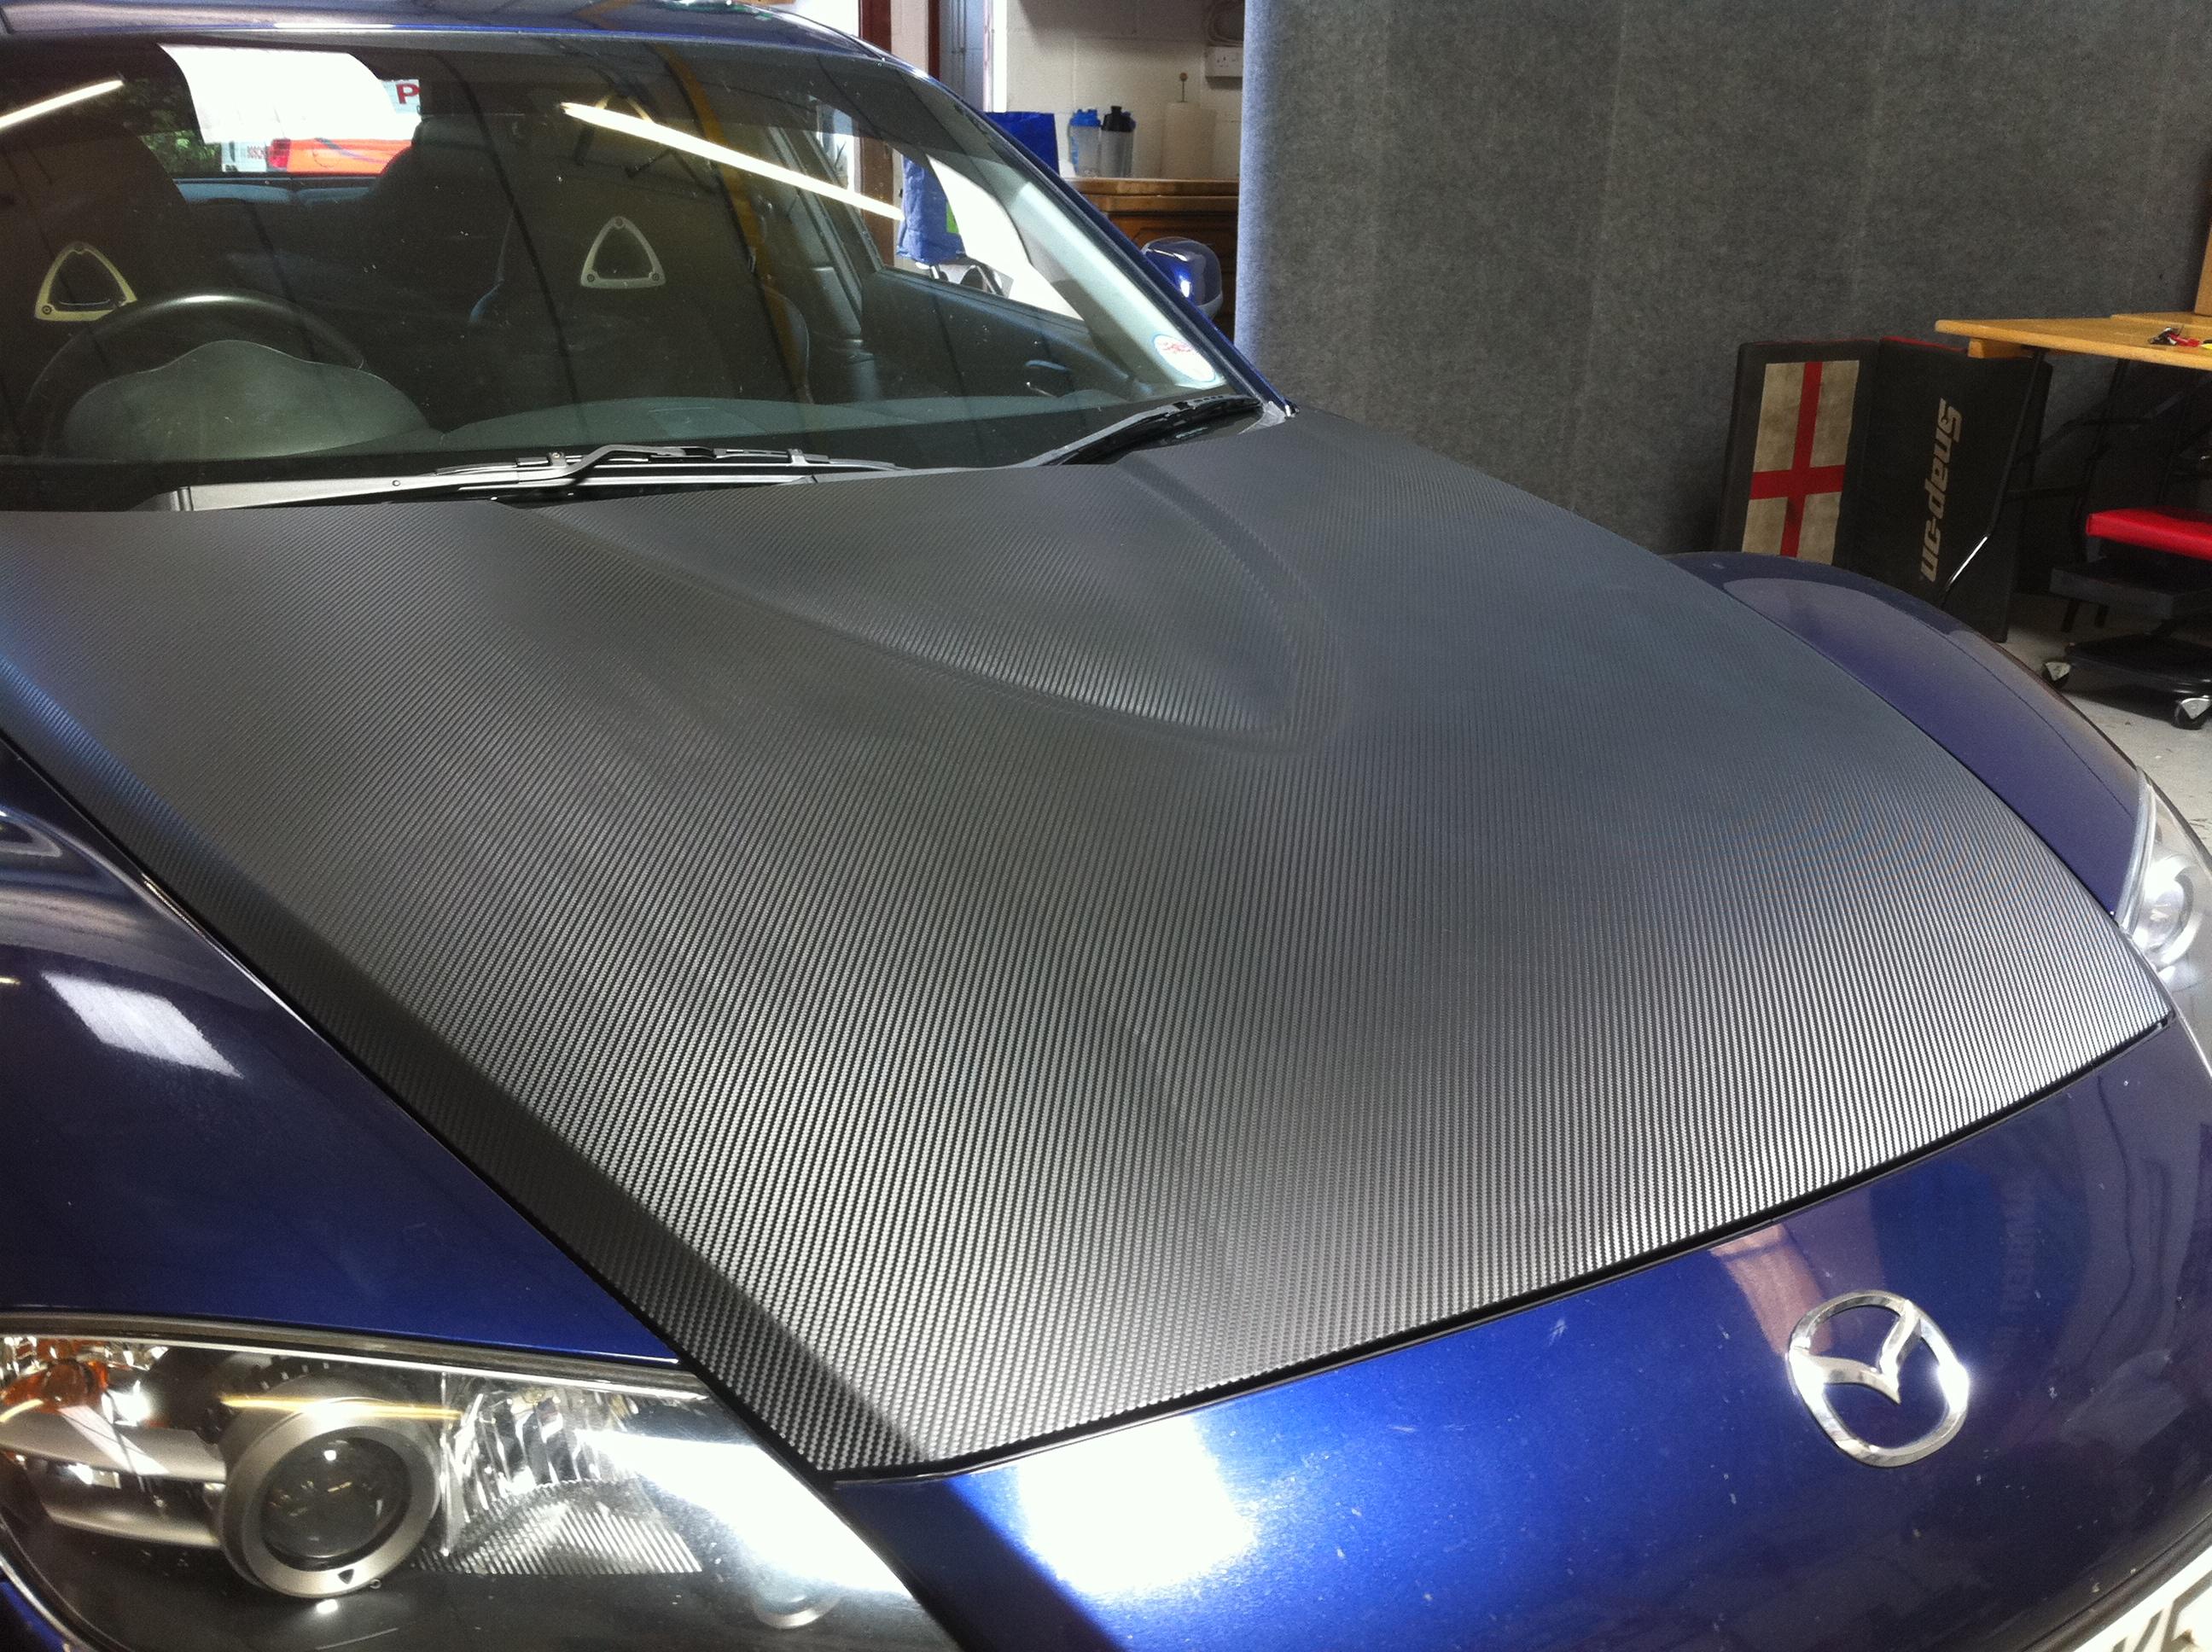 Mazda Rx8 Carbon Fibre Effect Vinyl Bonnet Wrap Ambient